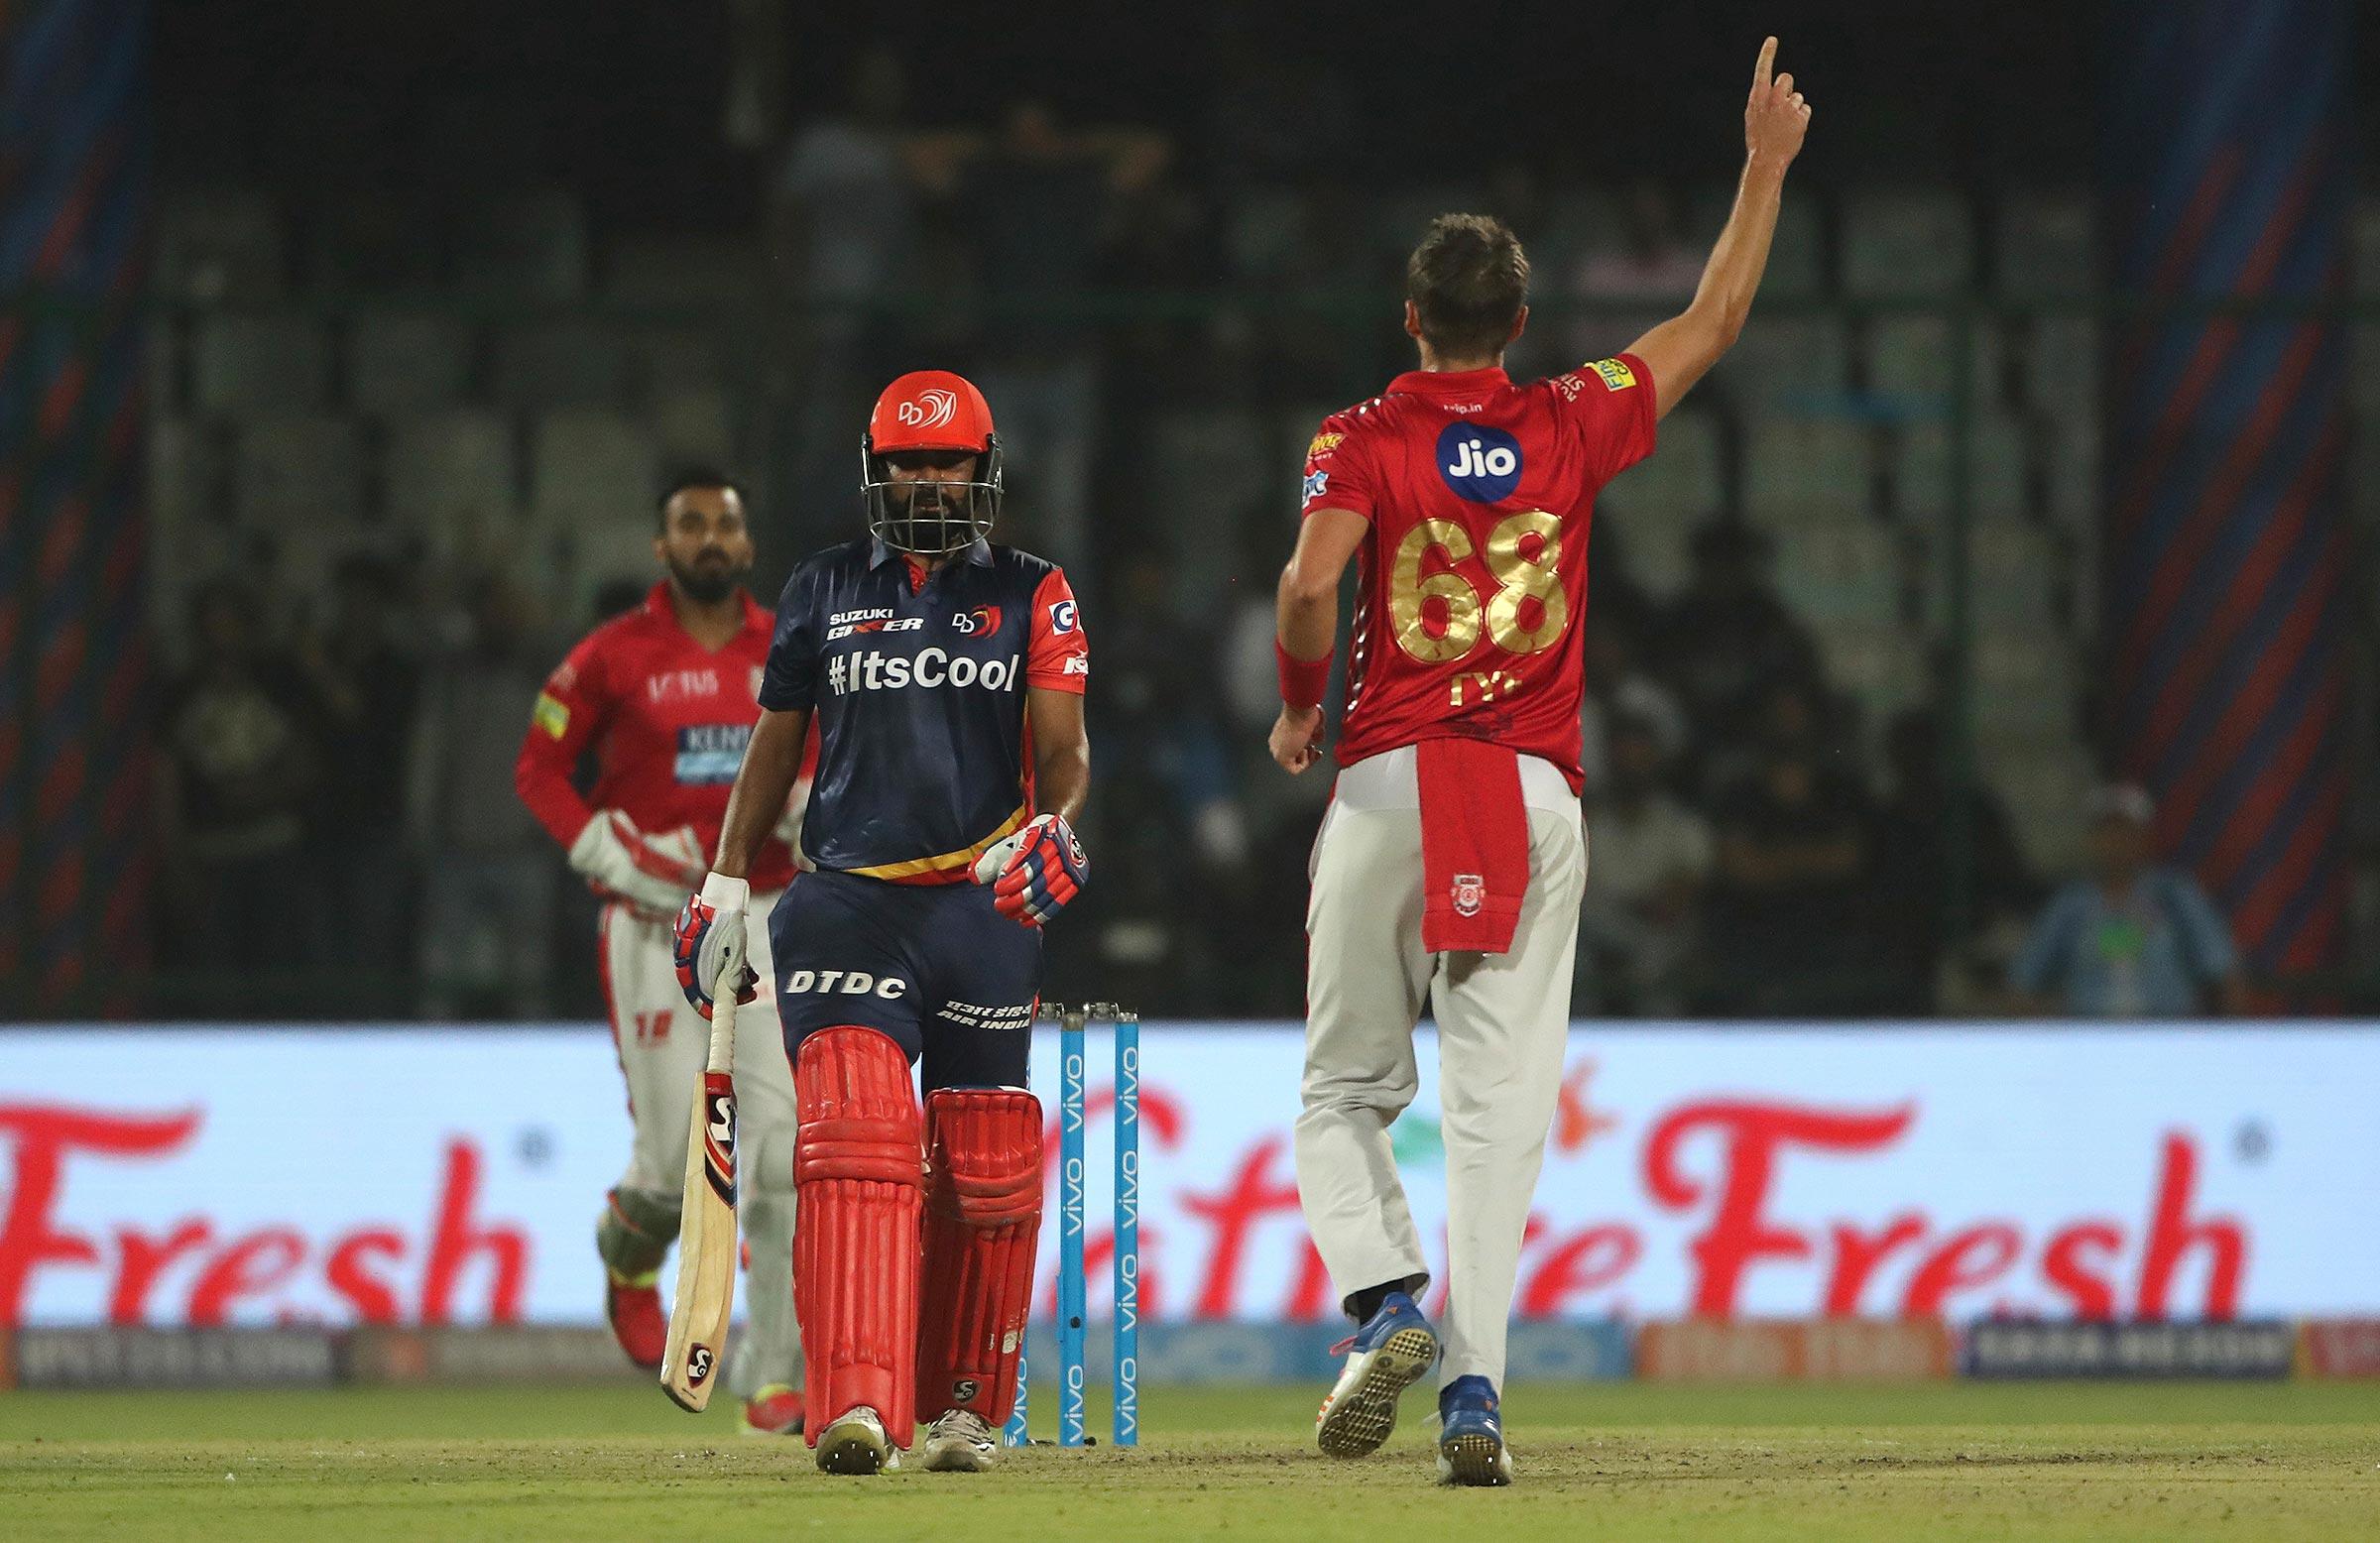 Australian AJ Tye celebrates a wicket in the IPL // AAP